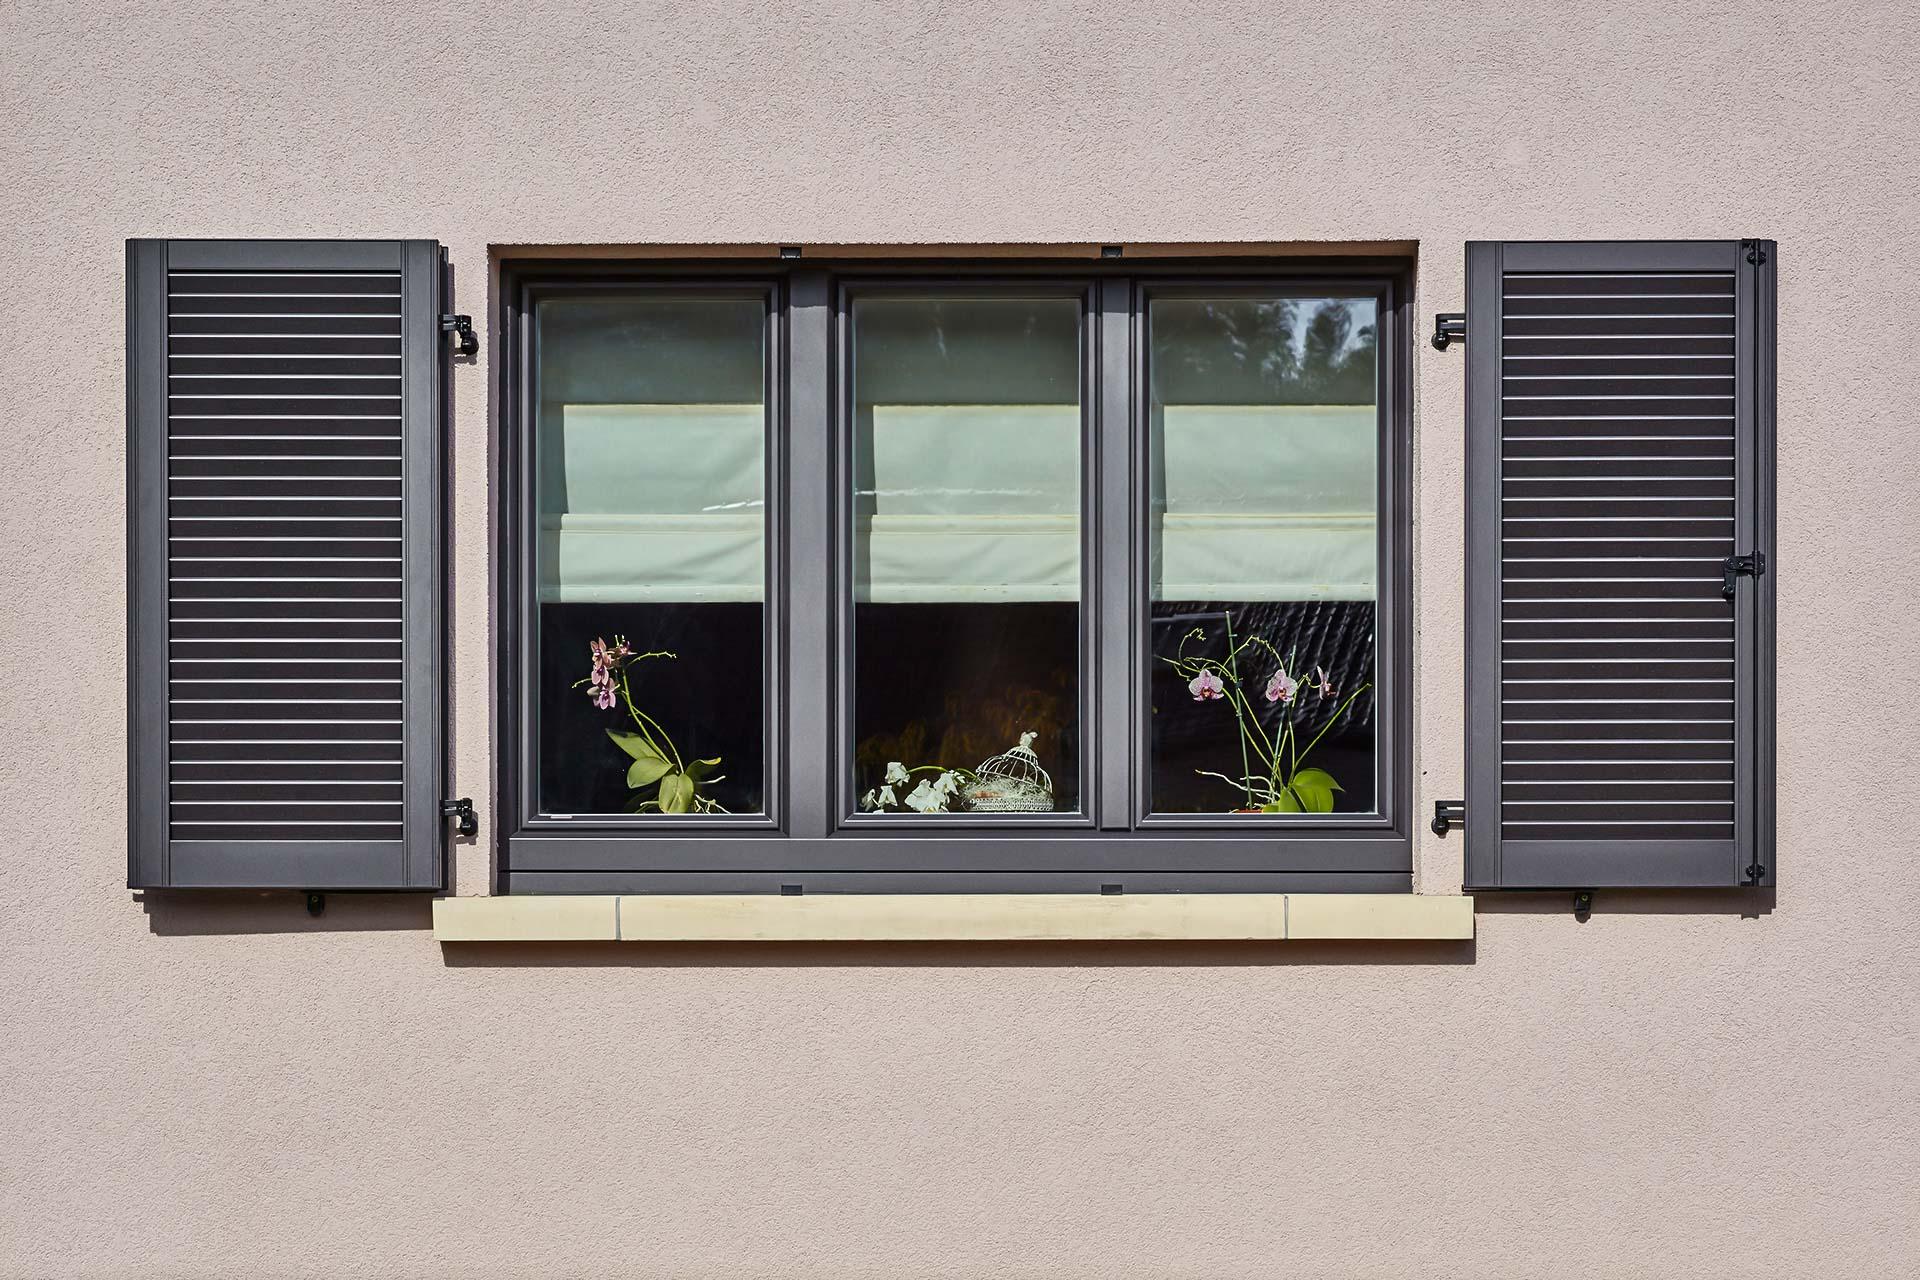 Nahaufnahme eines grauen Coplaning Holz- Alu Fenster des leicht pinken Einfamilienhauses.